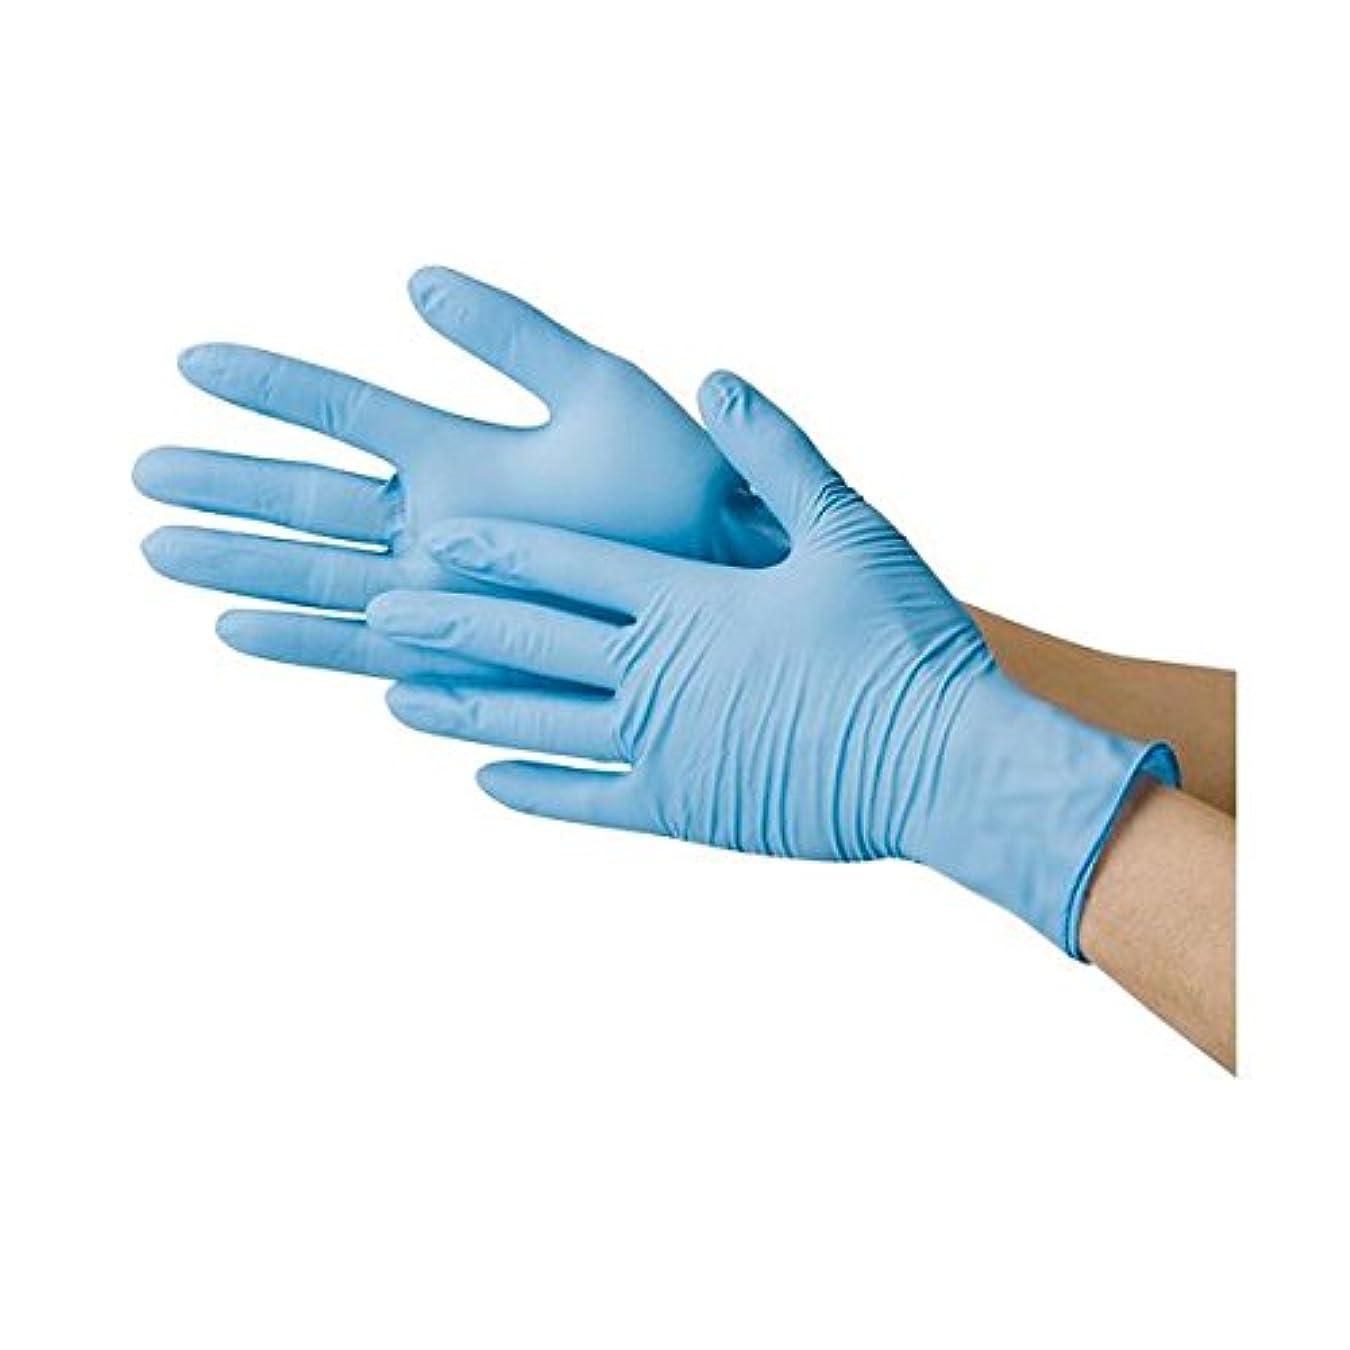 土砂降りカーペット優越川西工業 ニトリル極薄手袋 粉なし ブルーS ダイエット 健康 衛生用品 その他の衛生用品 14067381 [並行輸入品]